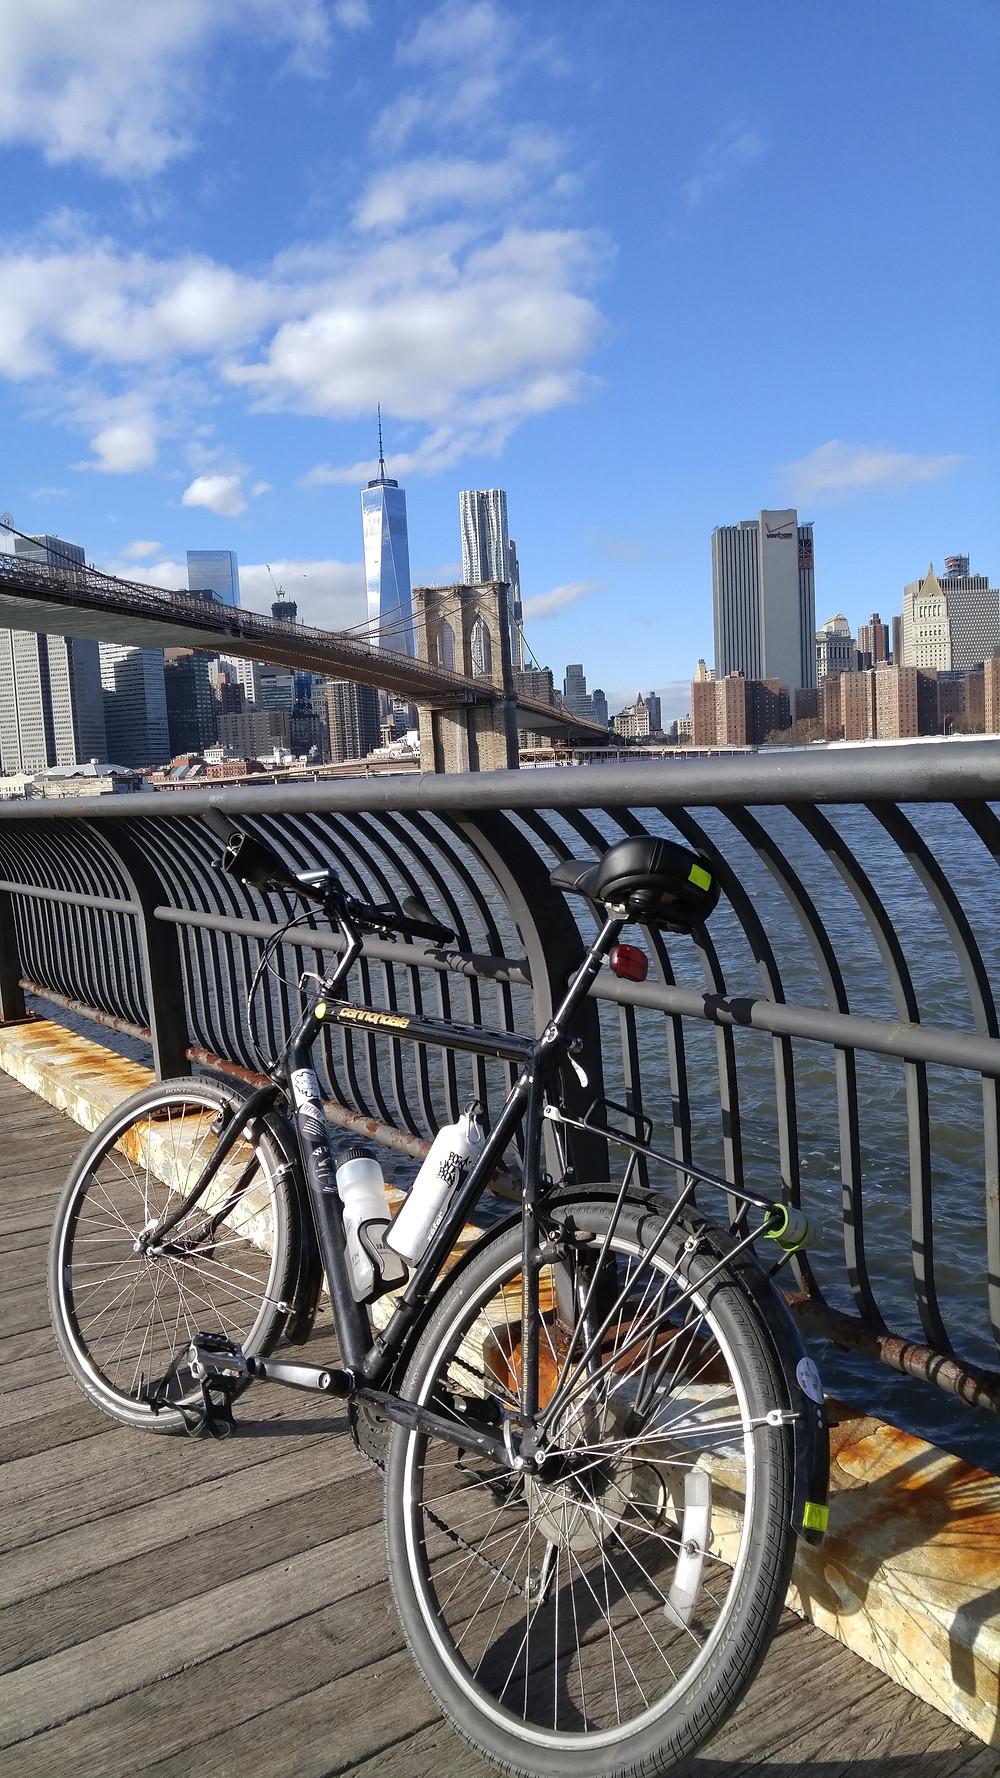 Bike and Bridge - image courtesy of the author